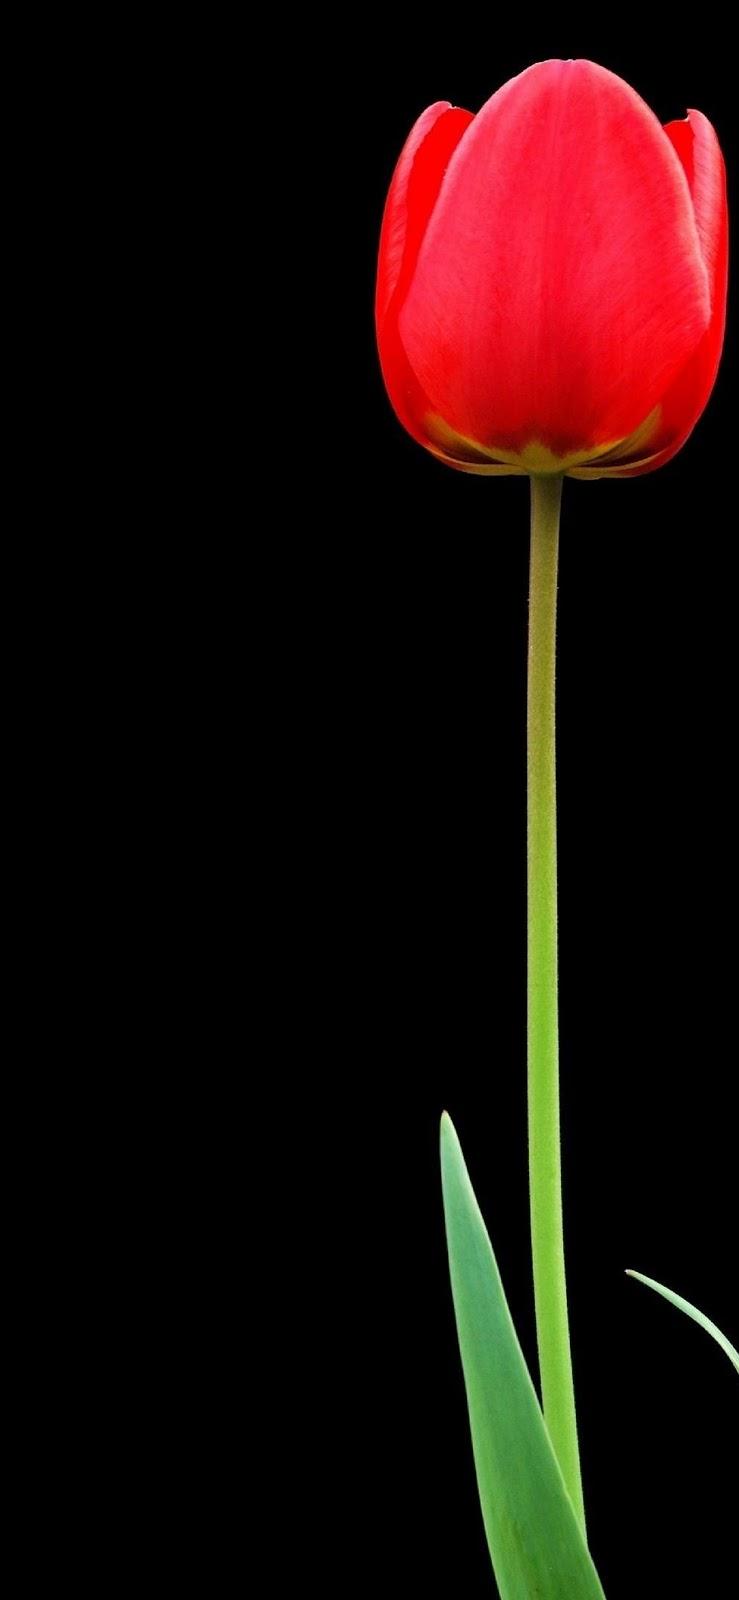 wallpaper iphone xs, sfondo nero, tulipano rosso, fiore